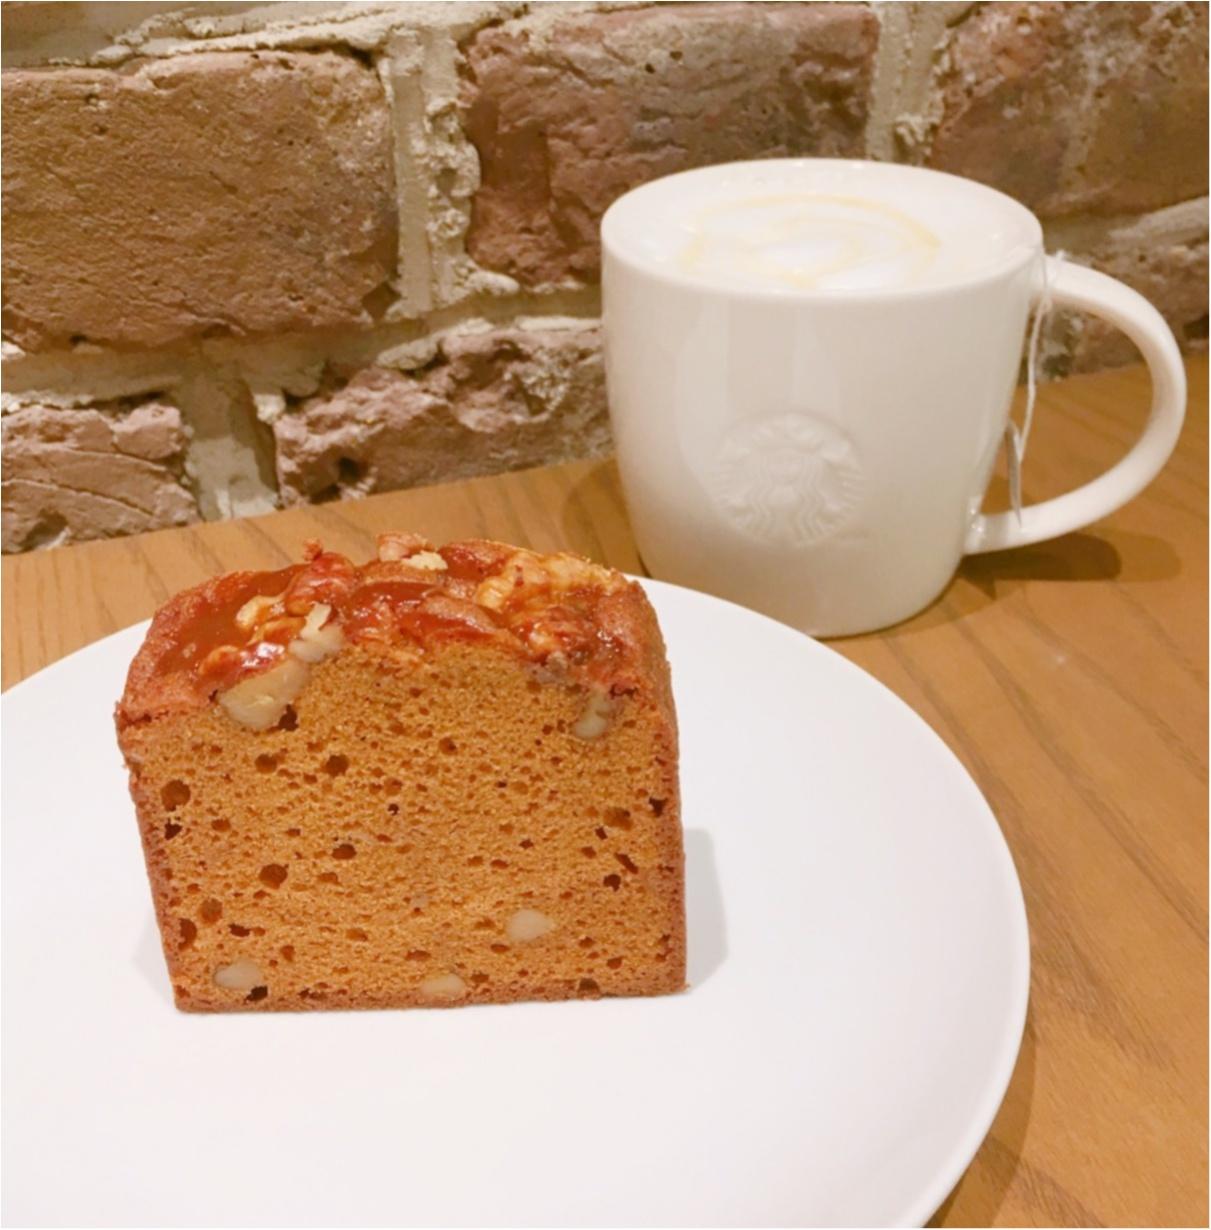 【STAR BUCKS】秋スイーツのおすすめ♡ ほろ苦甘くてクセになる、ケーキキャラメルナッツ♡_1